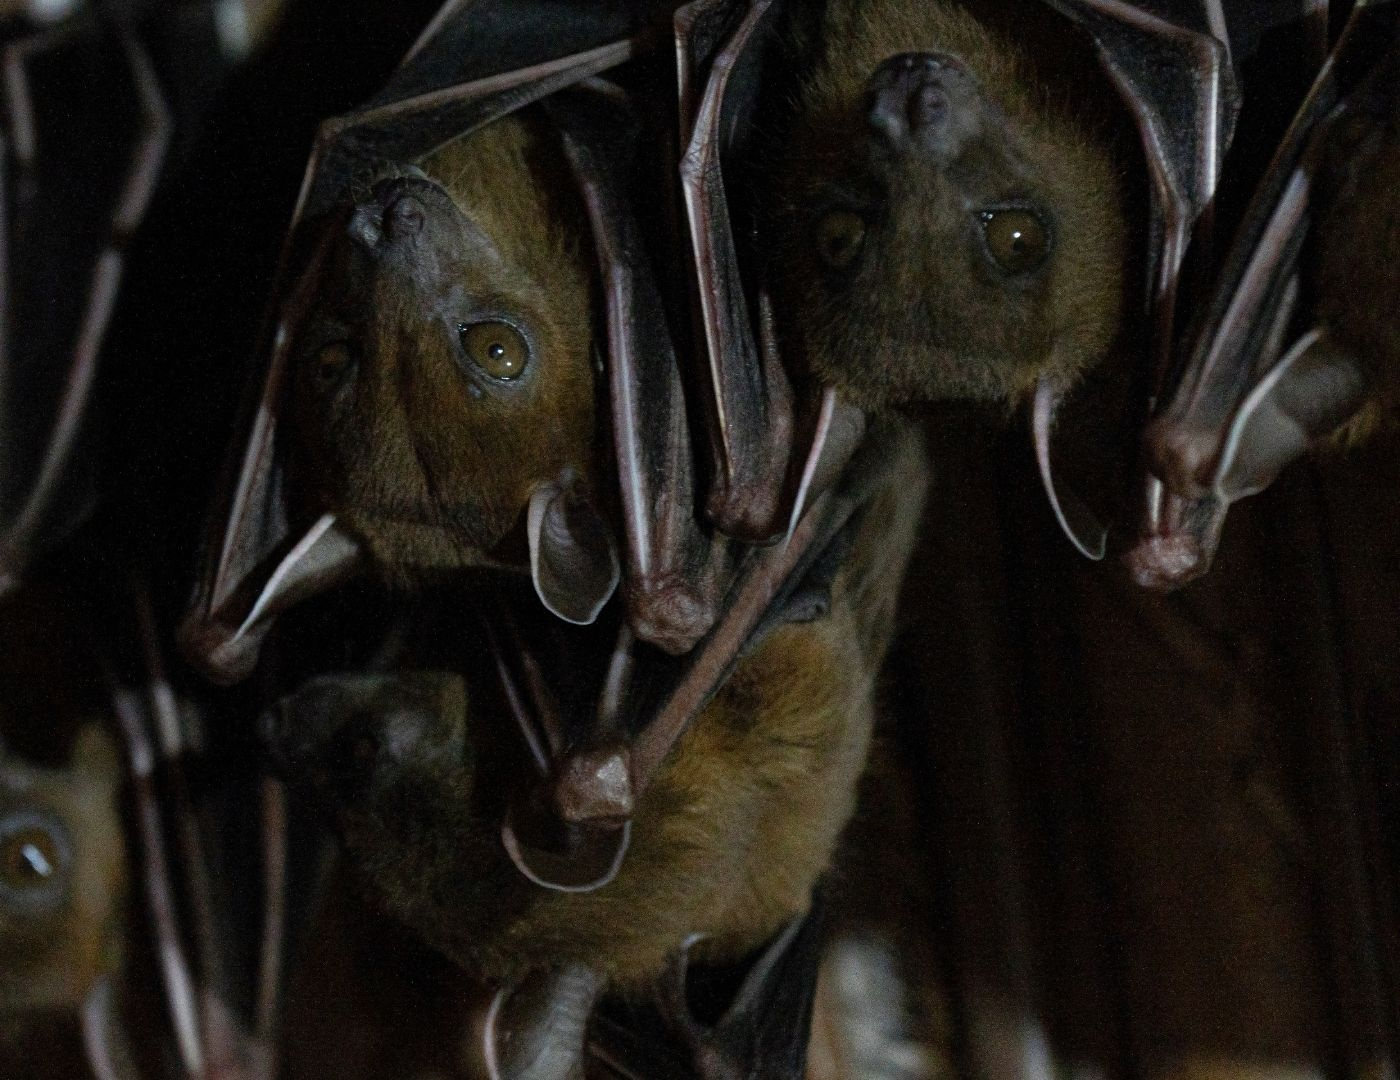 Manejo de Morcegos - São Paulo   Dedetizadora em SP